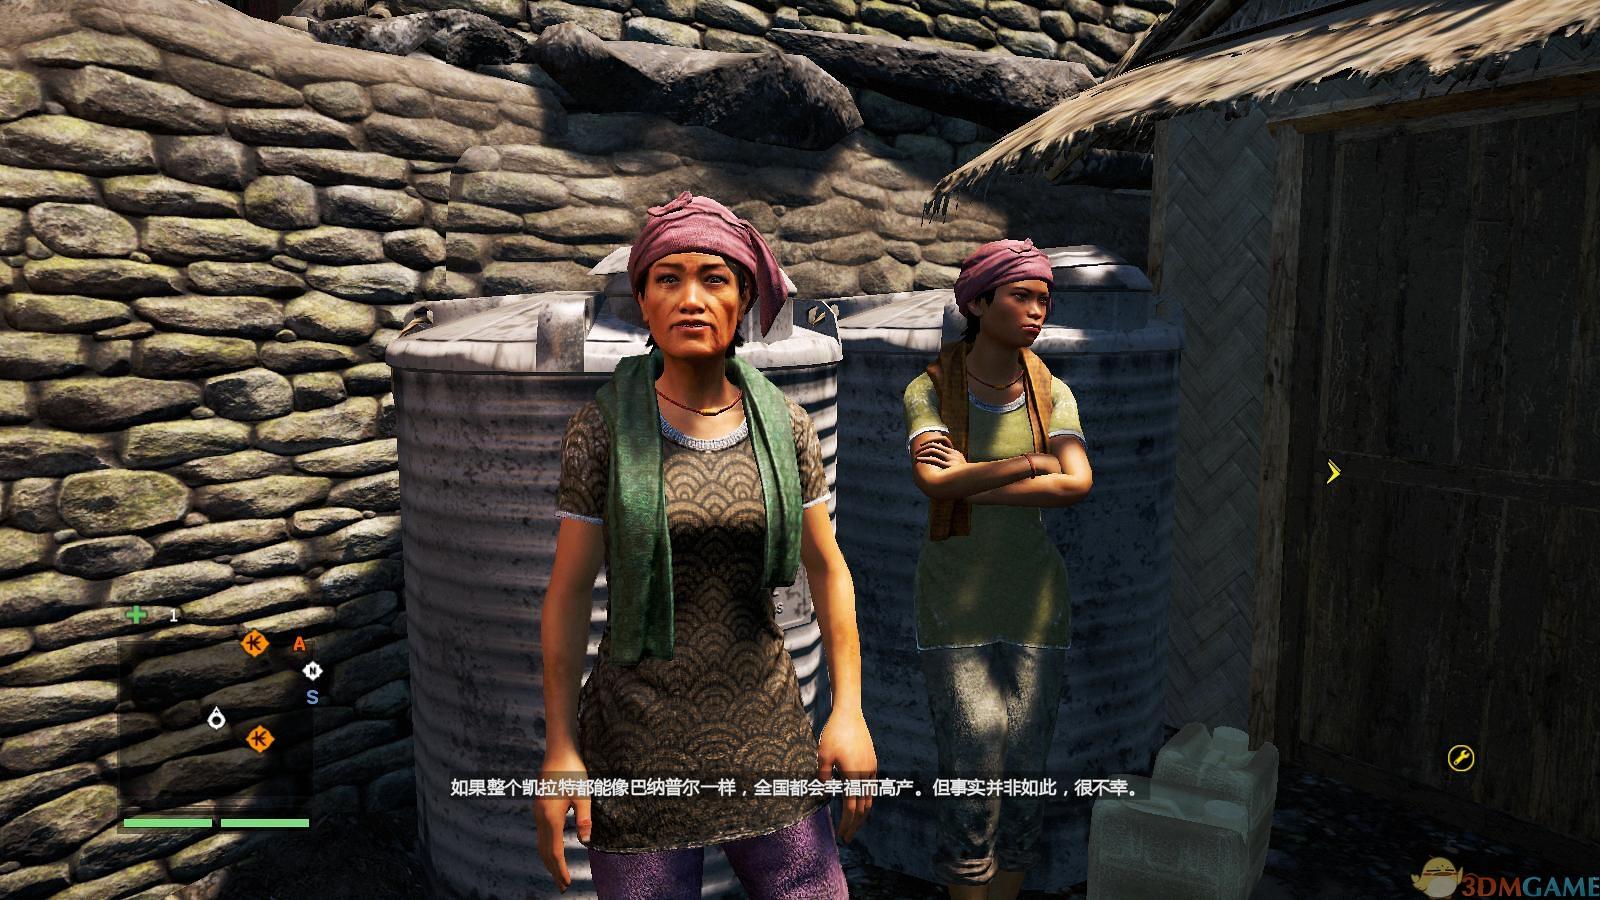 孤岛惊魂4_孤岛惊魂4中文版下载_配置_攻略秘籍_修改